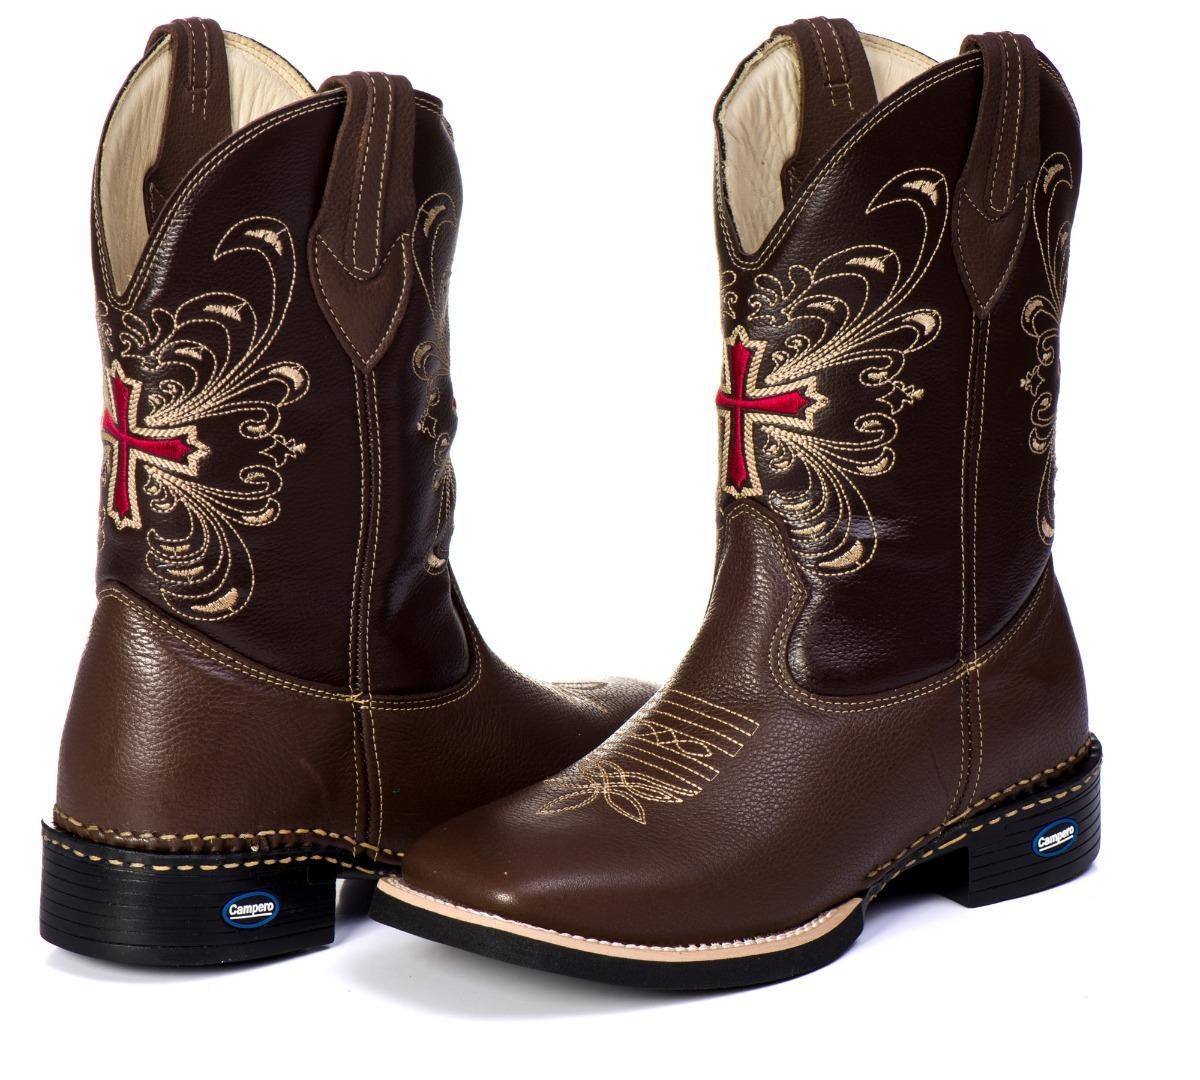 1a873b22aa bota texana feminina country bico quadrado café cano longo. Carregando zoom.